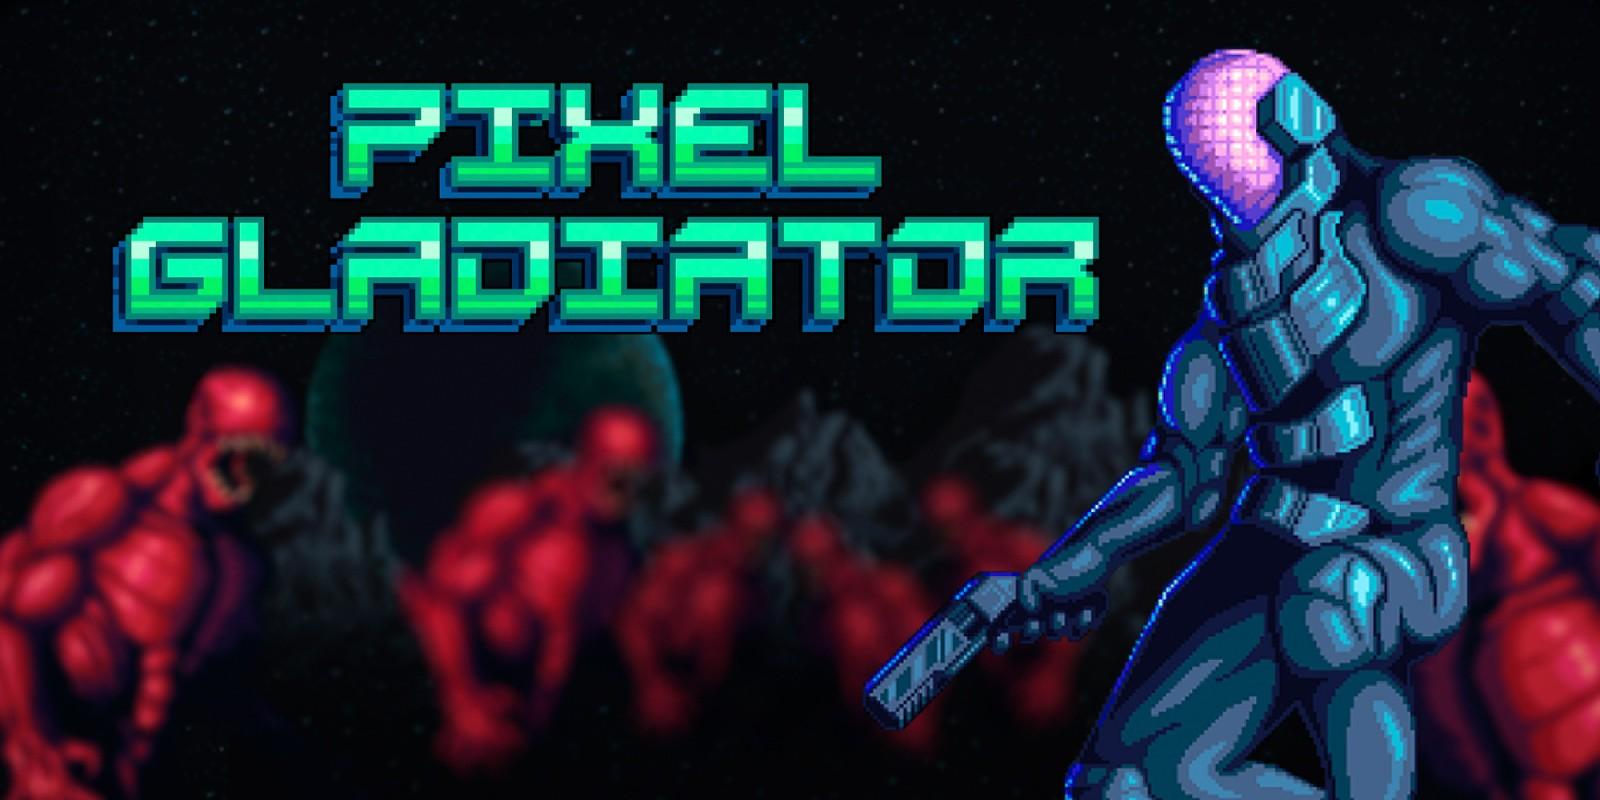 H2x1_NSwitchDS_PixelGladiator_image1600w.jpg